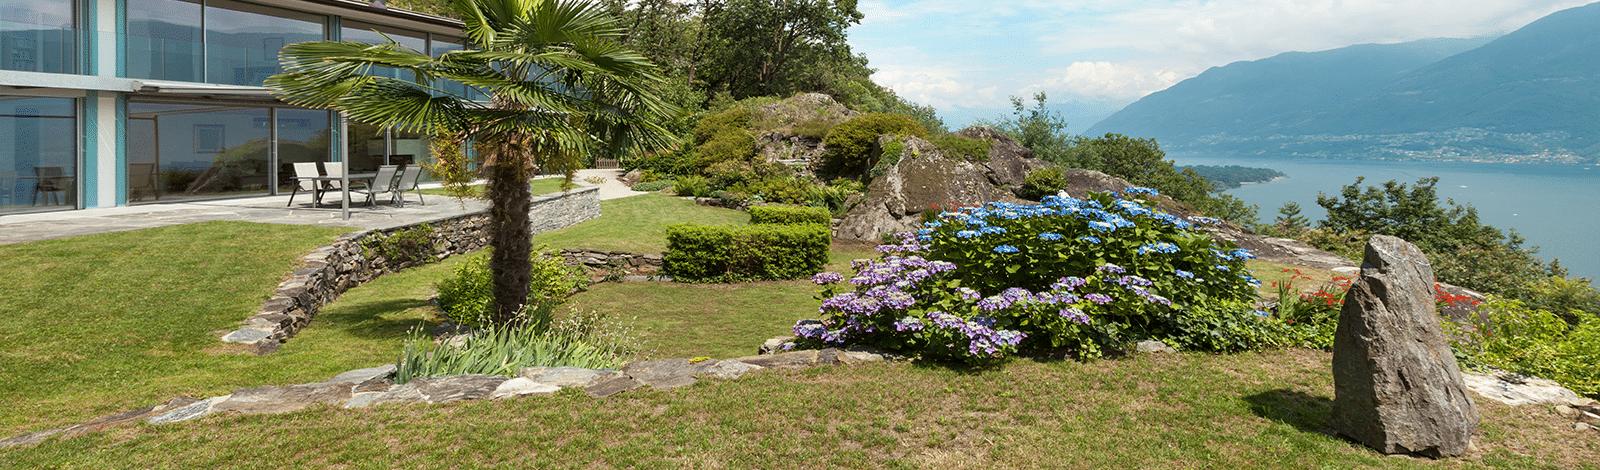 Vogelhaus Hintergrund 5